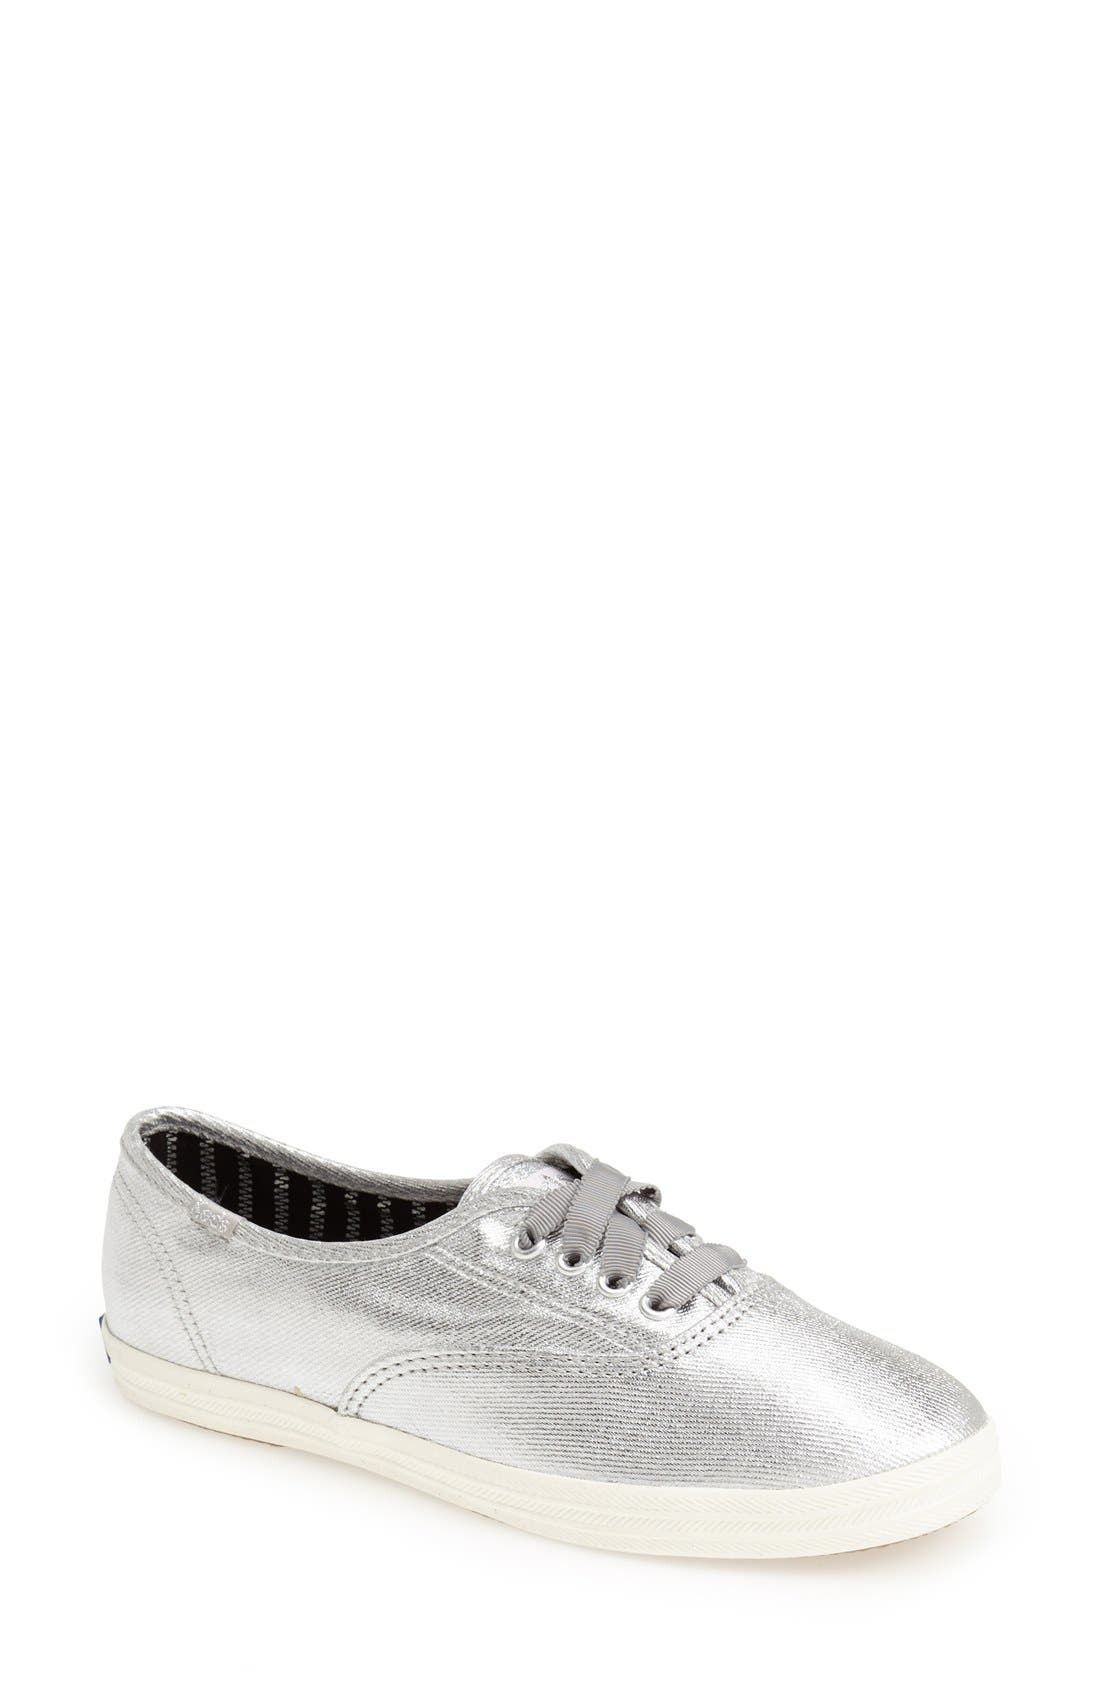 Alternate Image 1 Selected - Keds® 'Champion - Metallic' Sneaker (Women) (Regular Retail Price: $49.95)